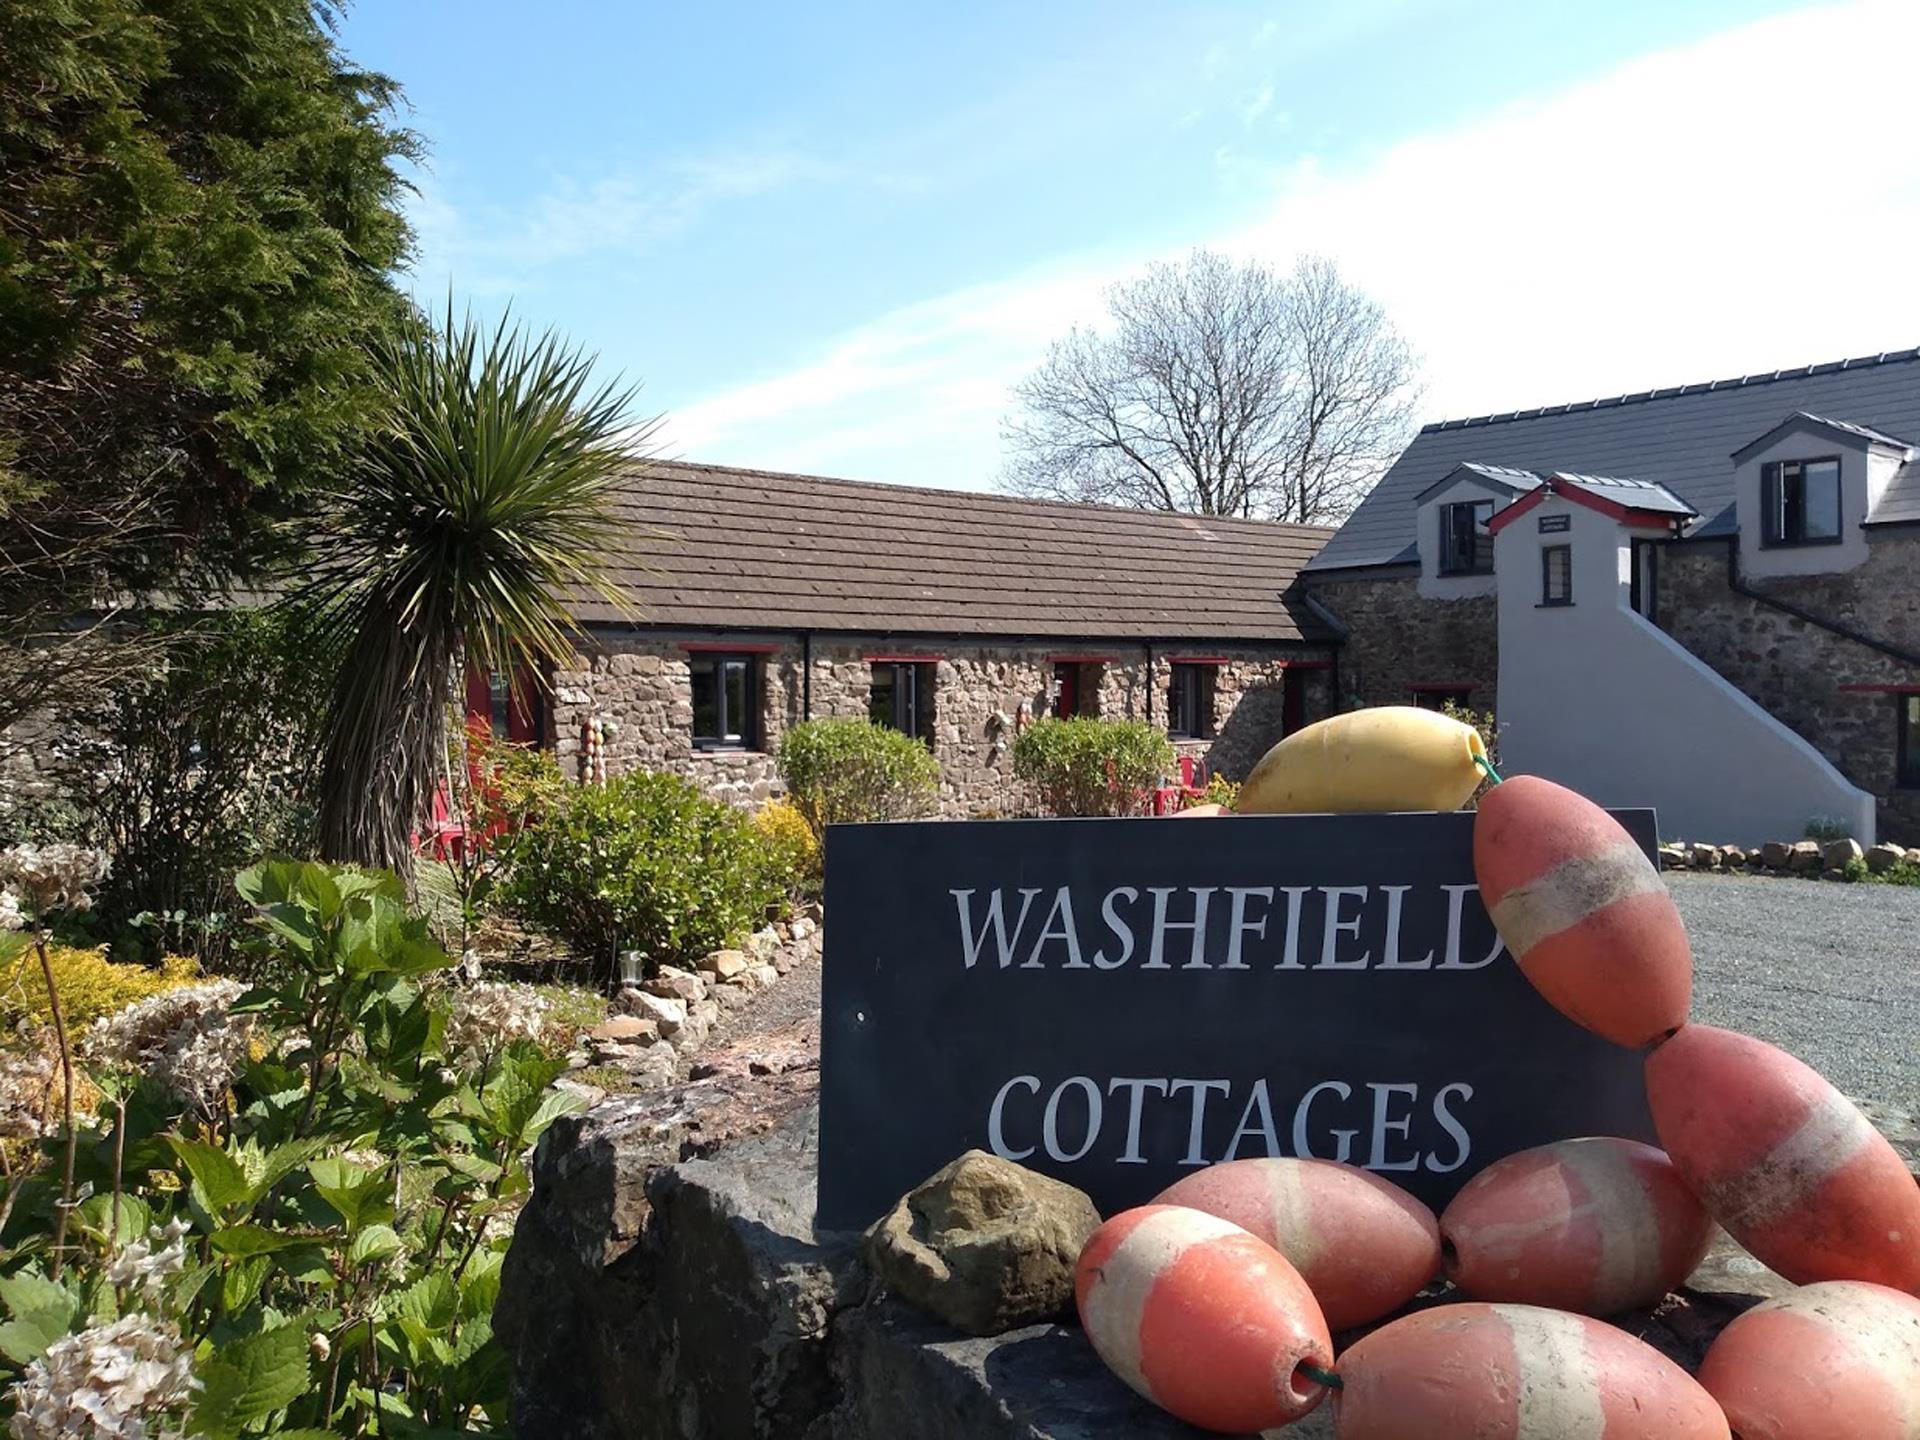 Washfield cottages